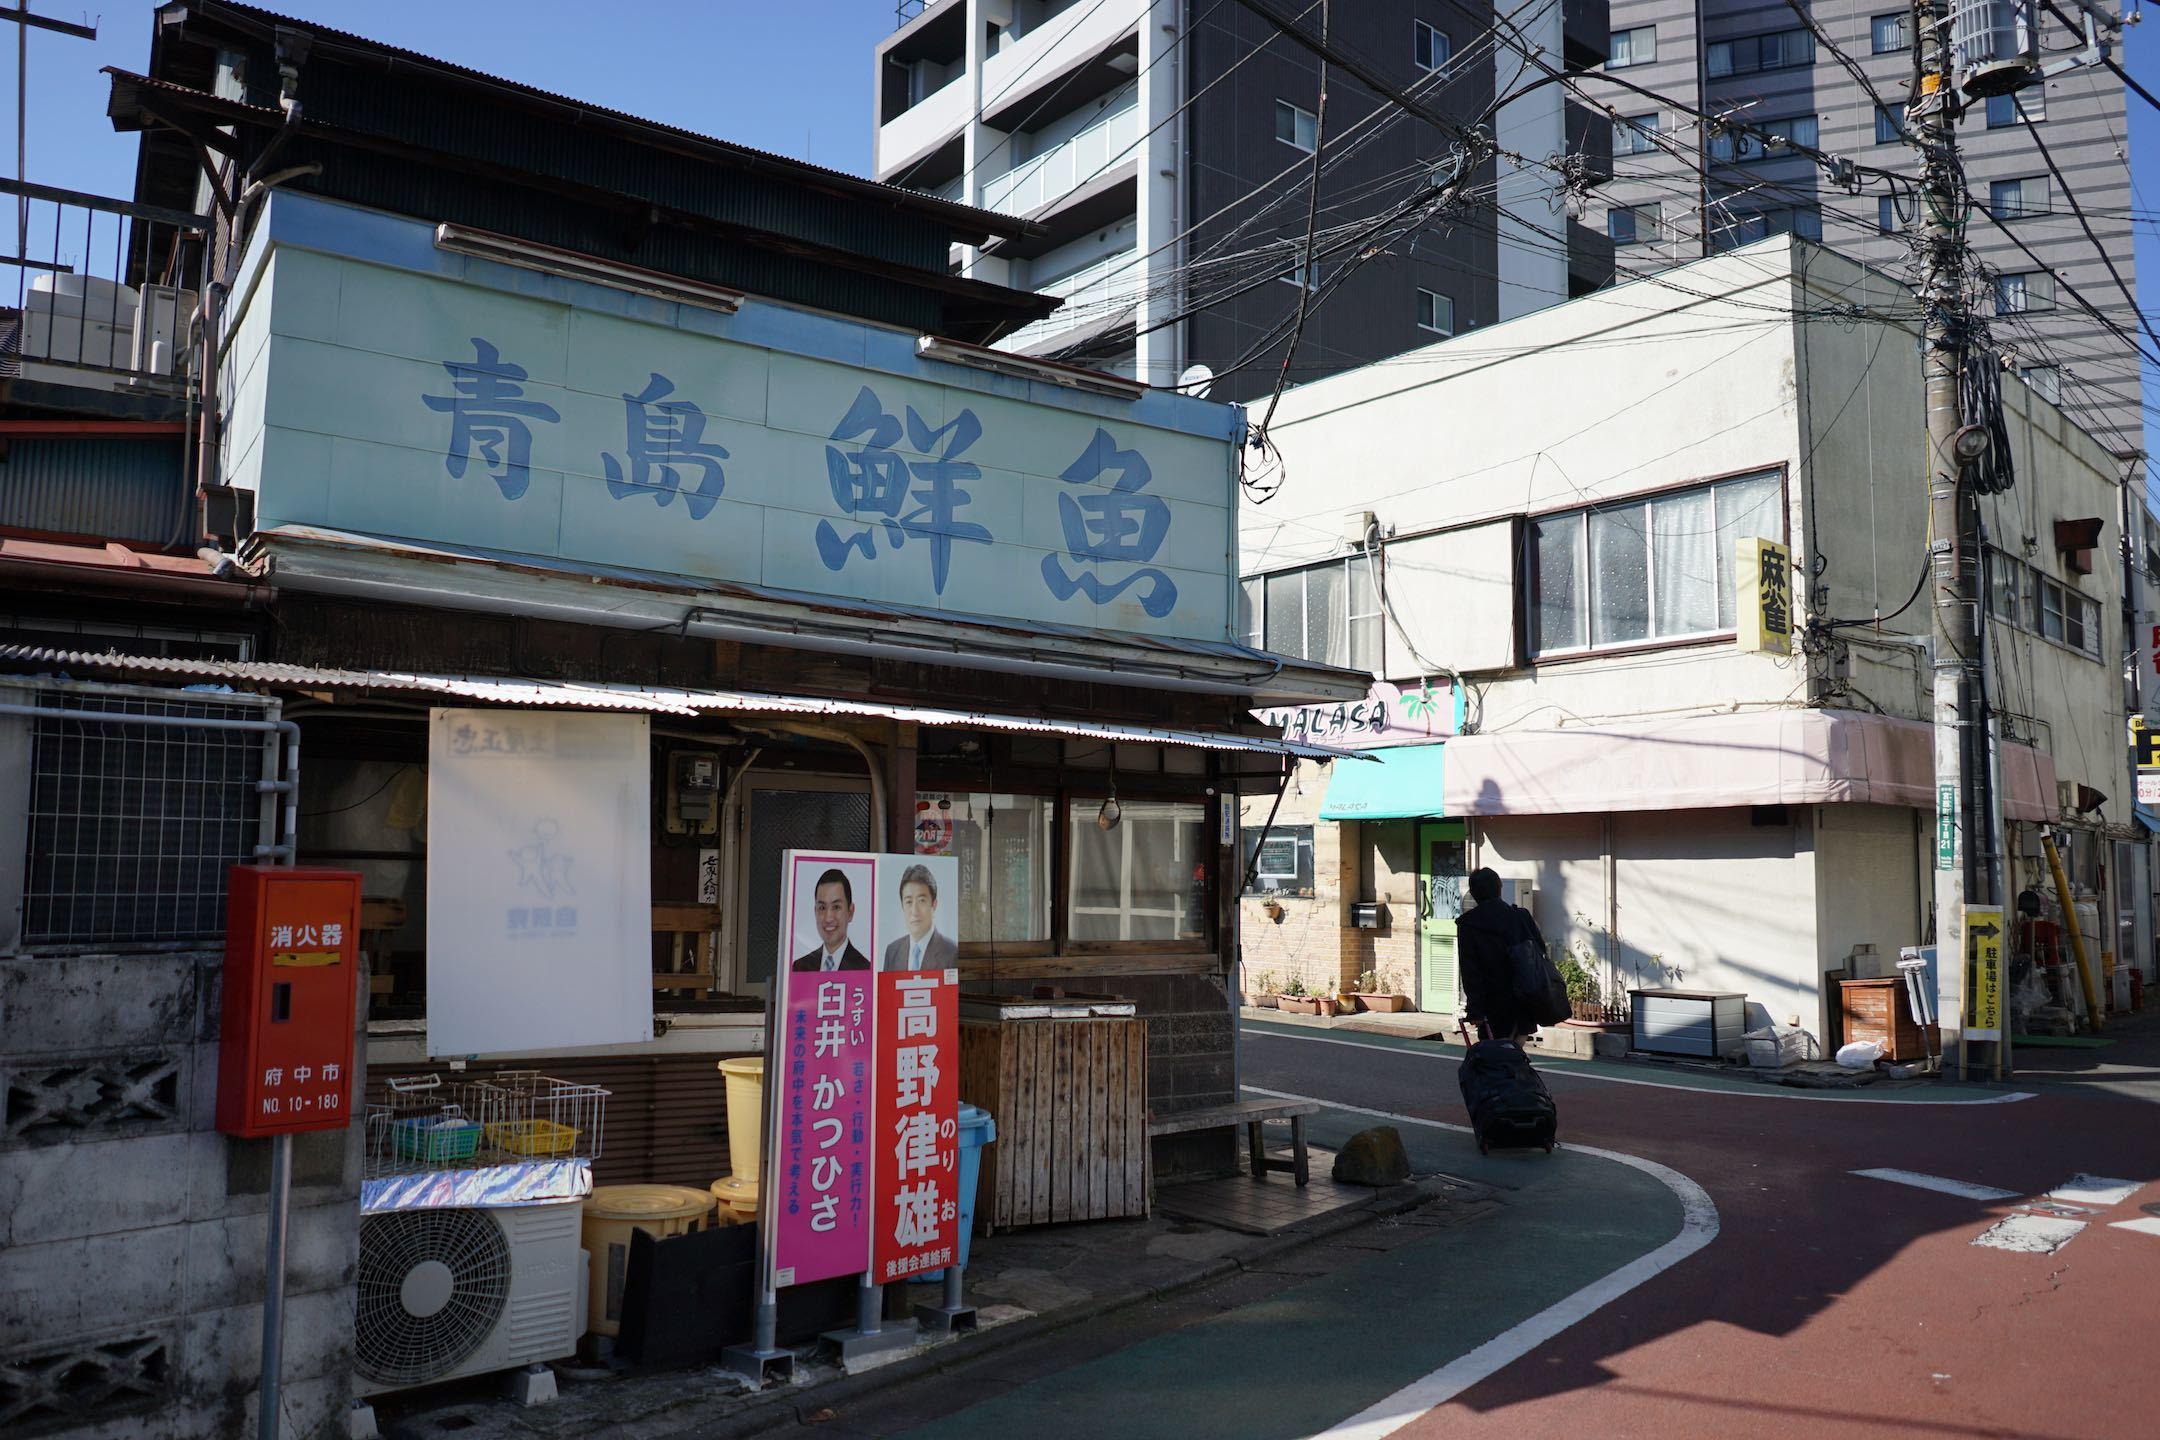 府中駅周辺 20_b0360240_21514742.jpg